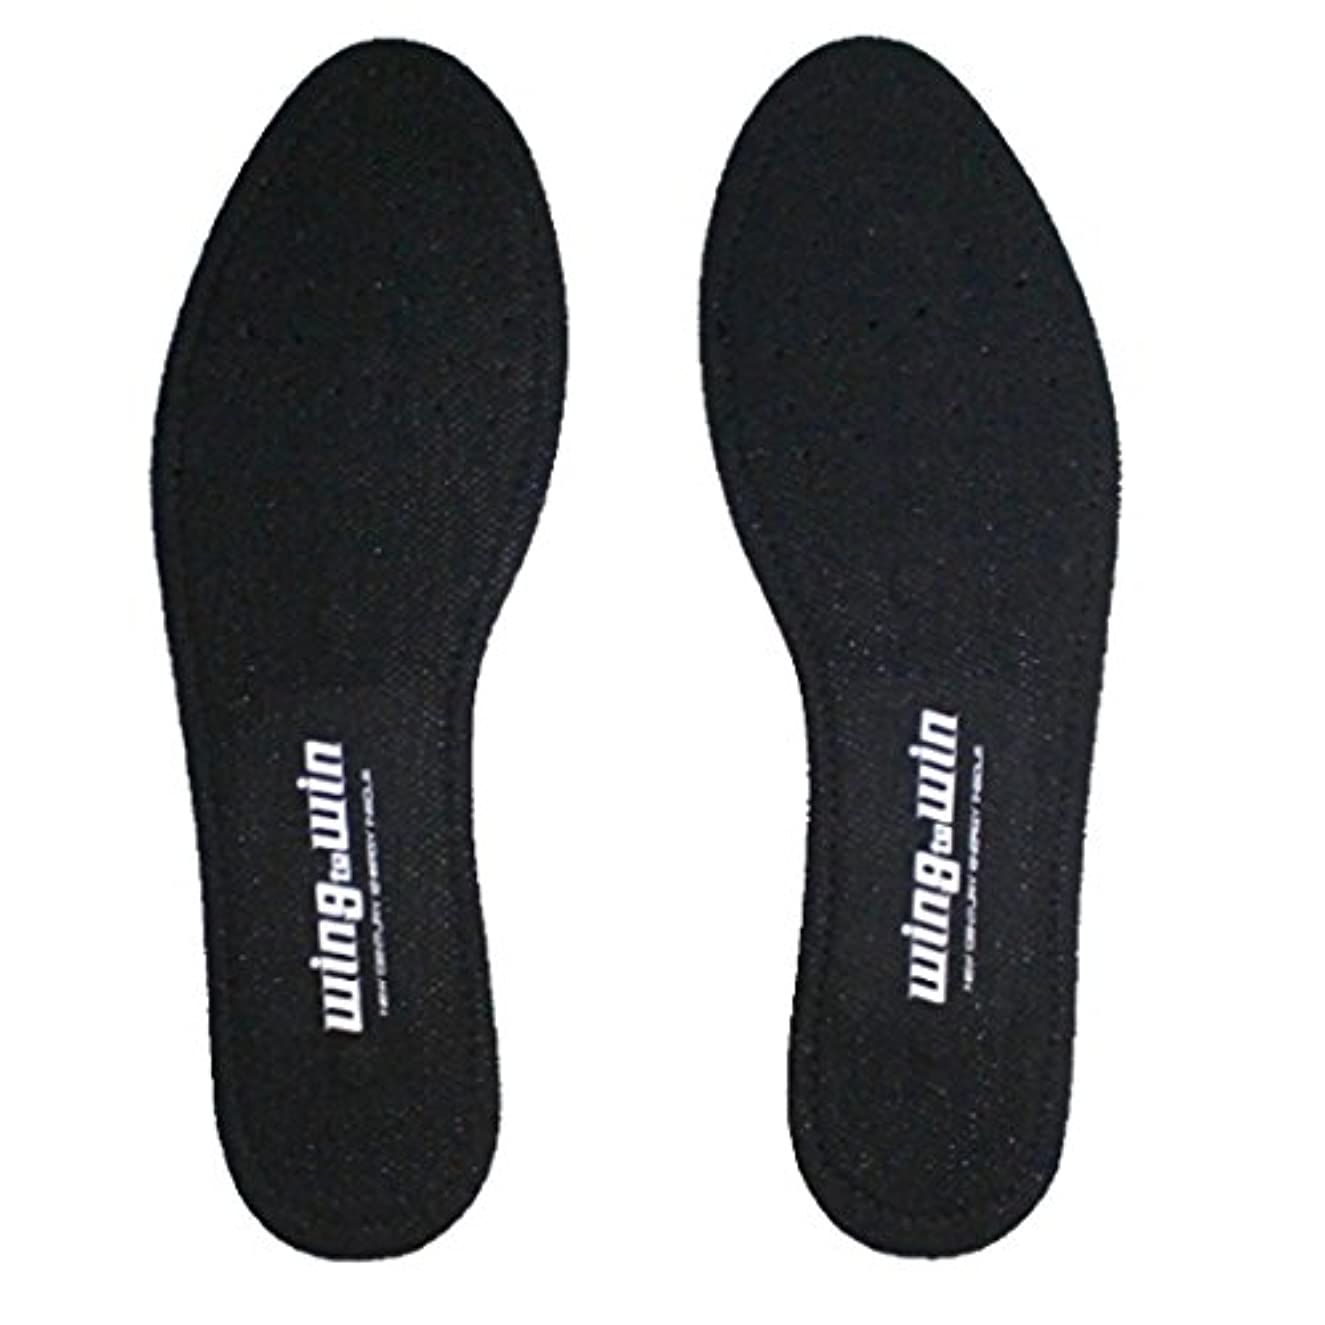 パーチナシティウェイター称賛TQインソール ハードタイプ Mサイズ 足への負担を軽減 全身のバランスがとれ、人生の歩みが変わる (M)